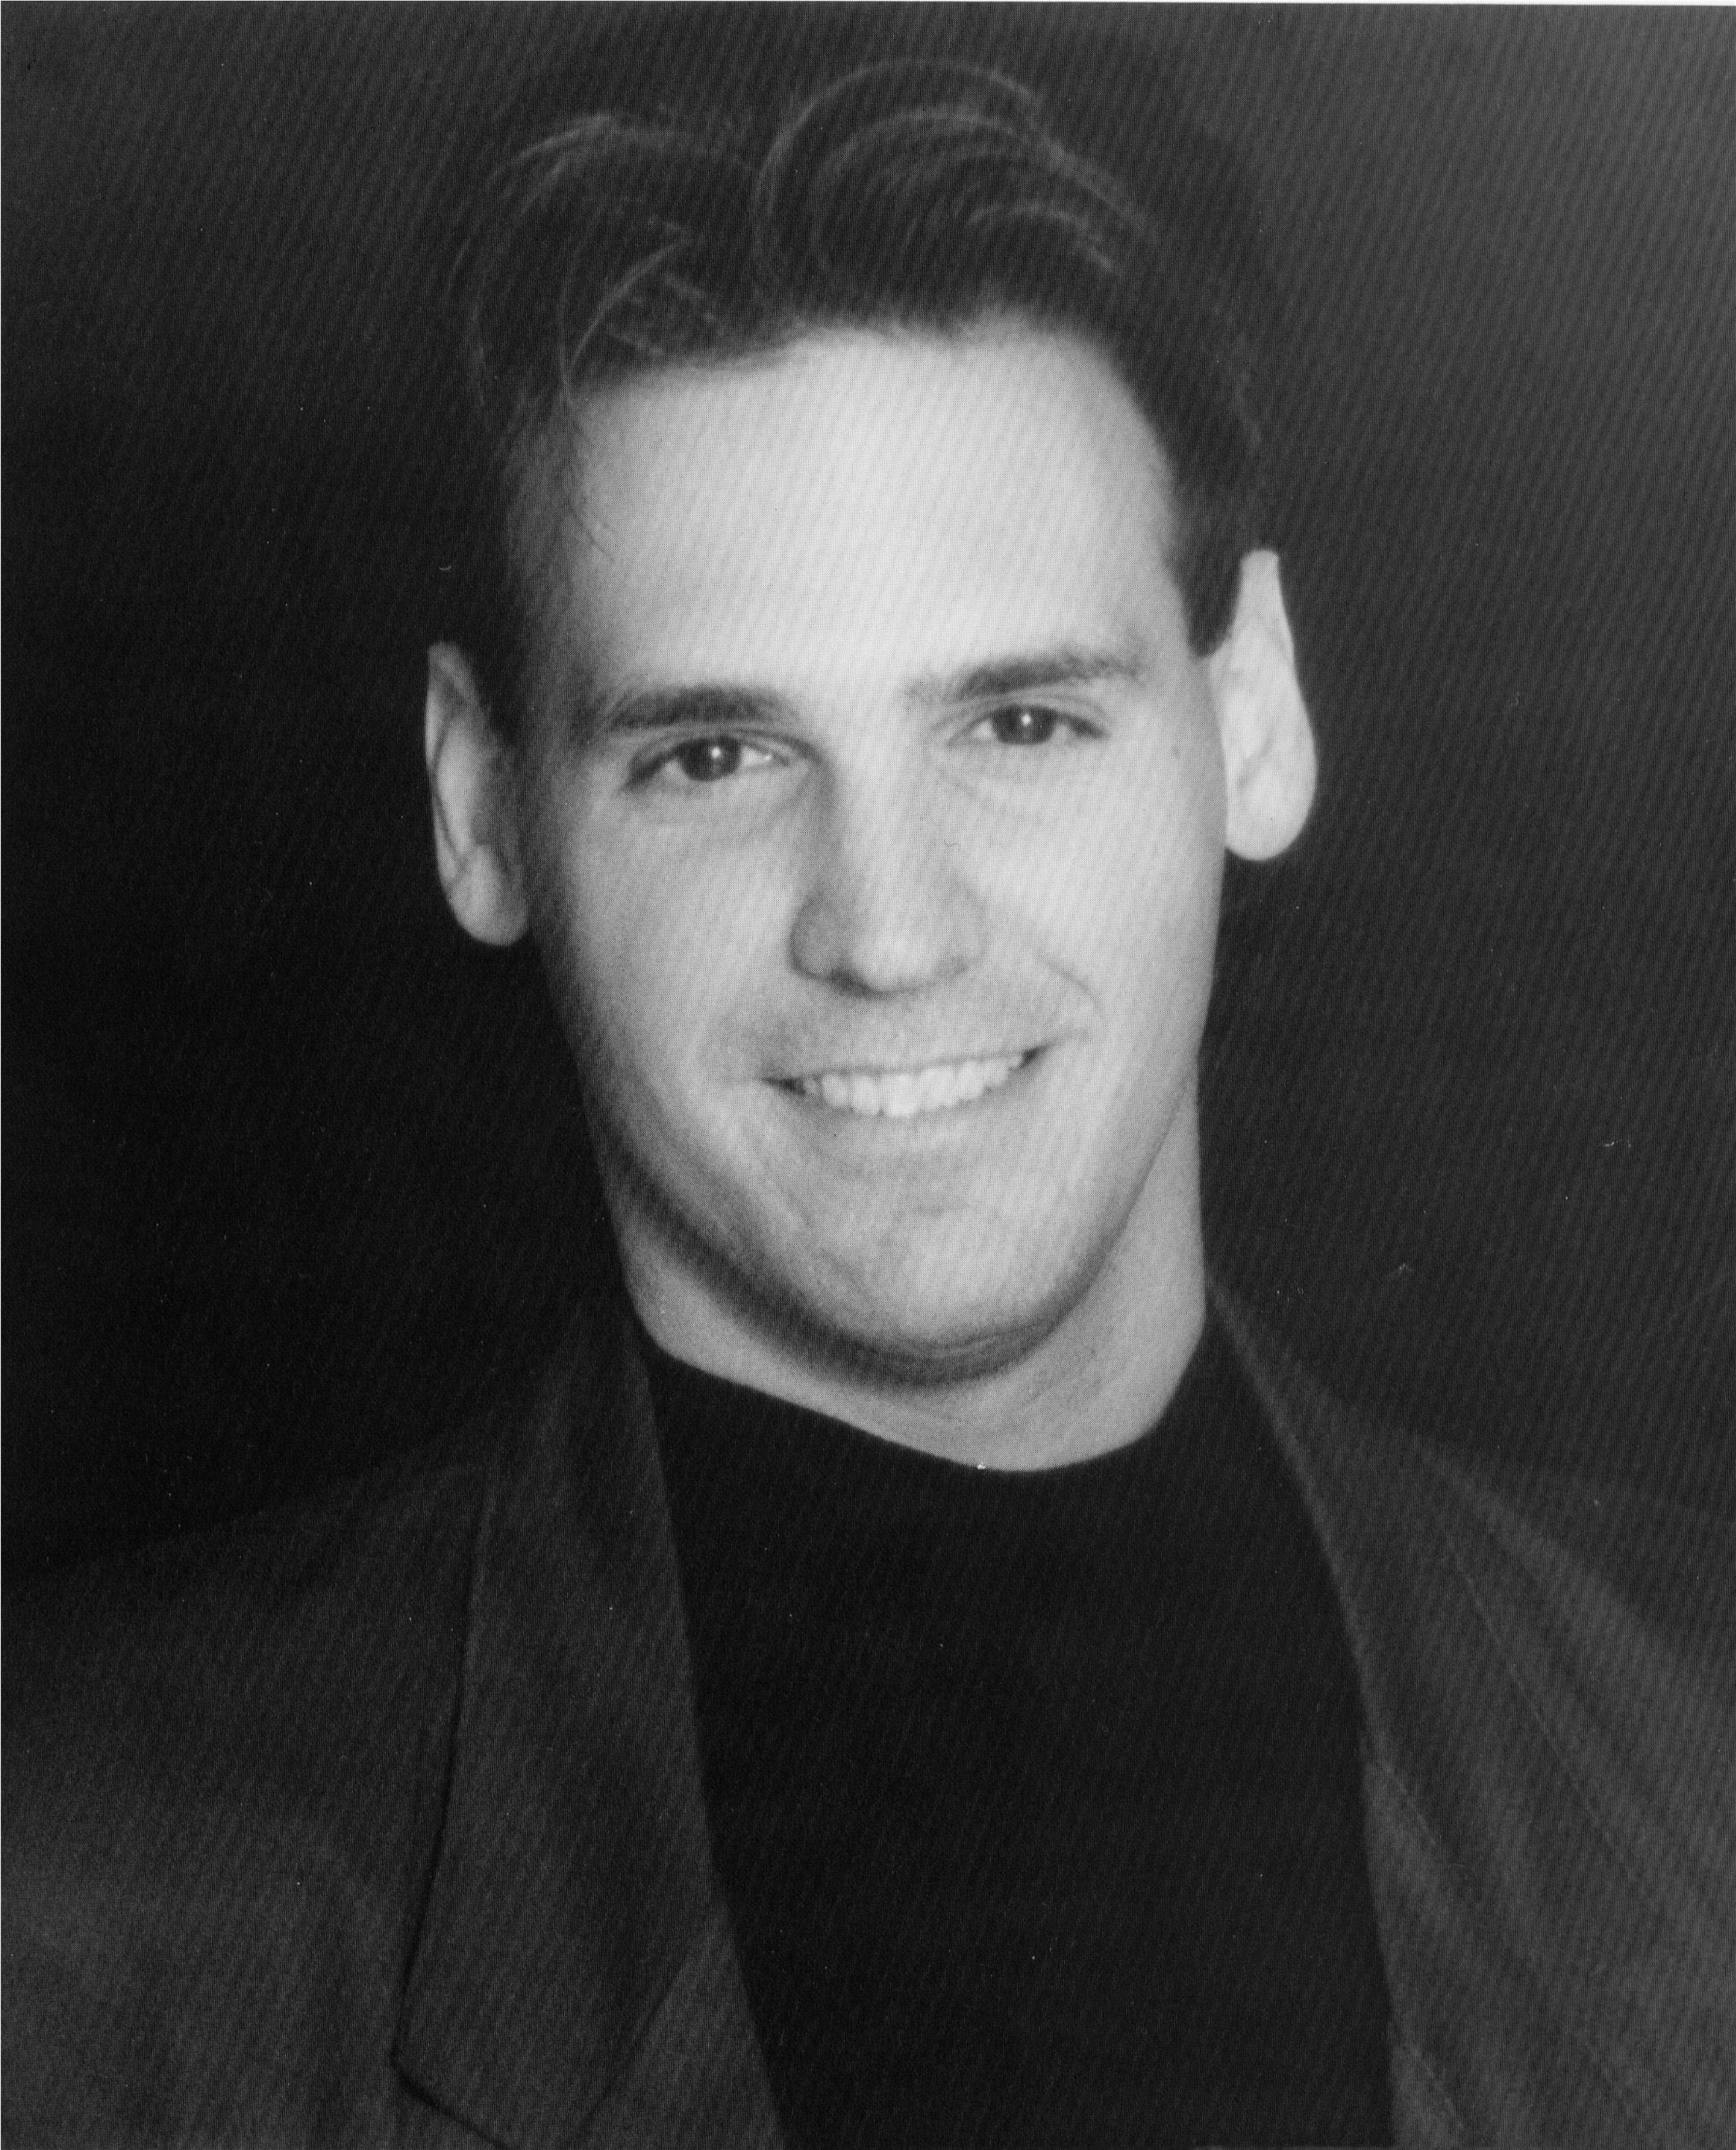 Joey Martell